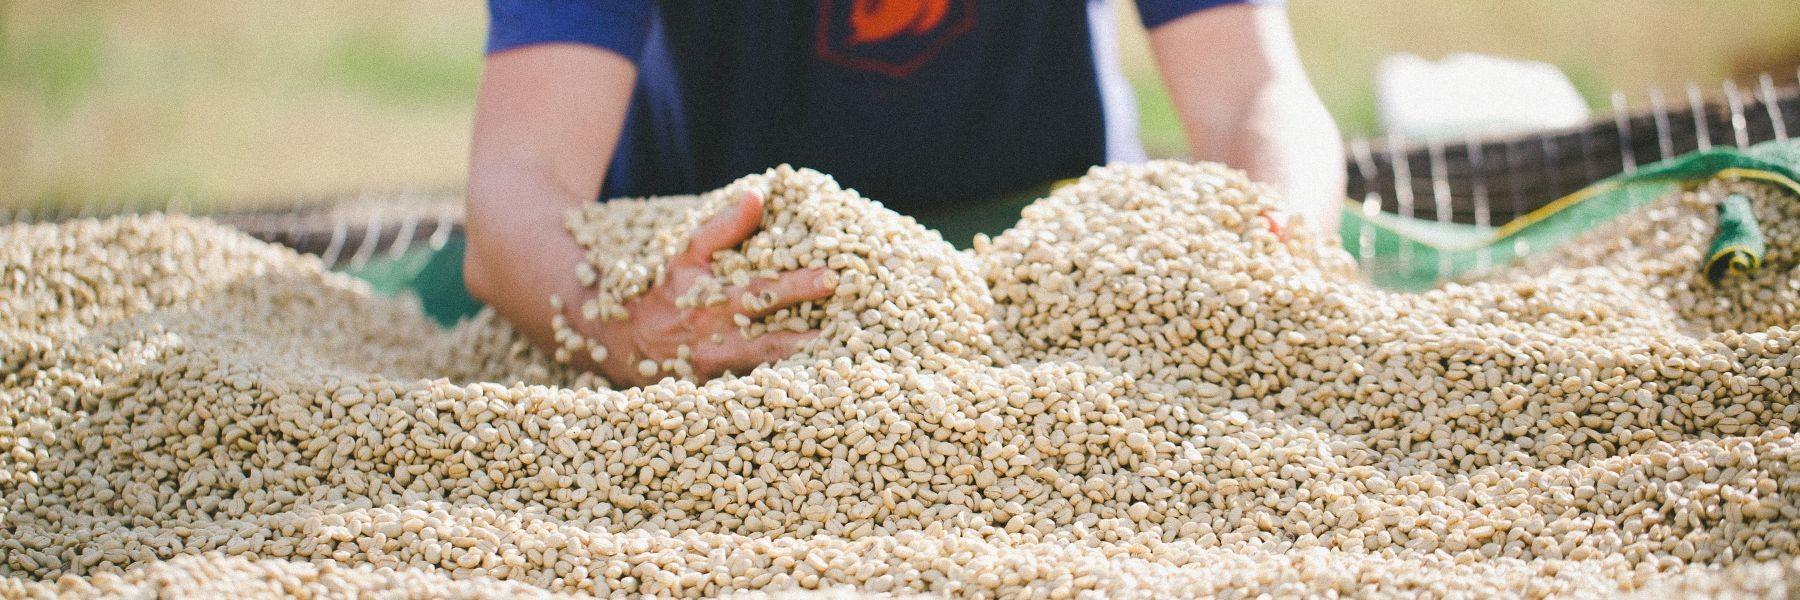 gewaschener Kaffee Burundi